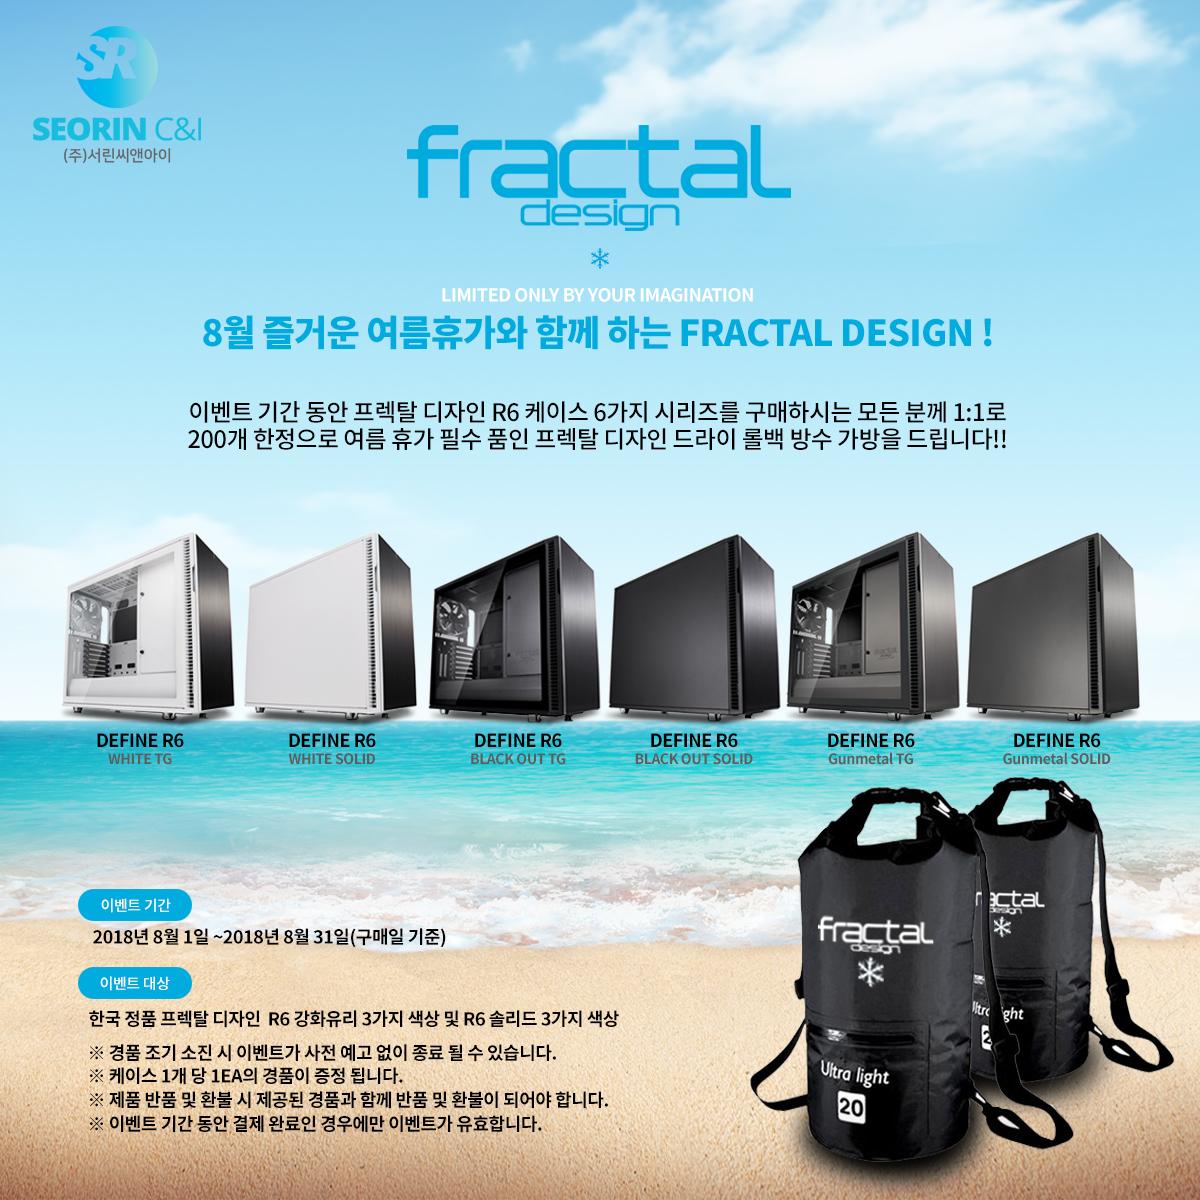 (주)서린씨앤아이 프렉탈디자인 디파인 R6 시리즈 구매 시 드라이롤백 방수 가방 증정